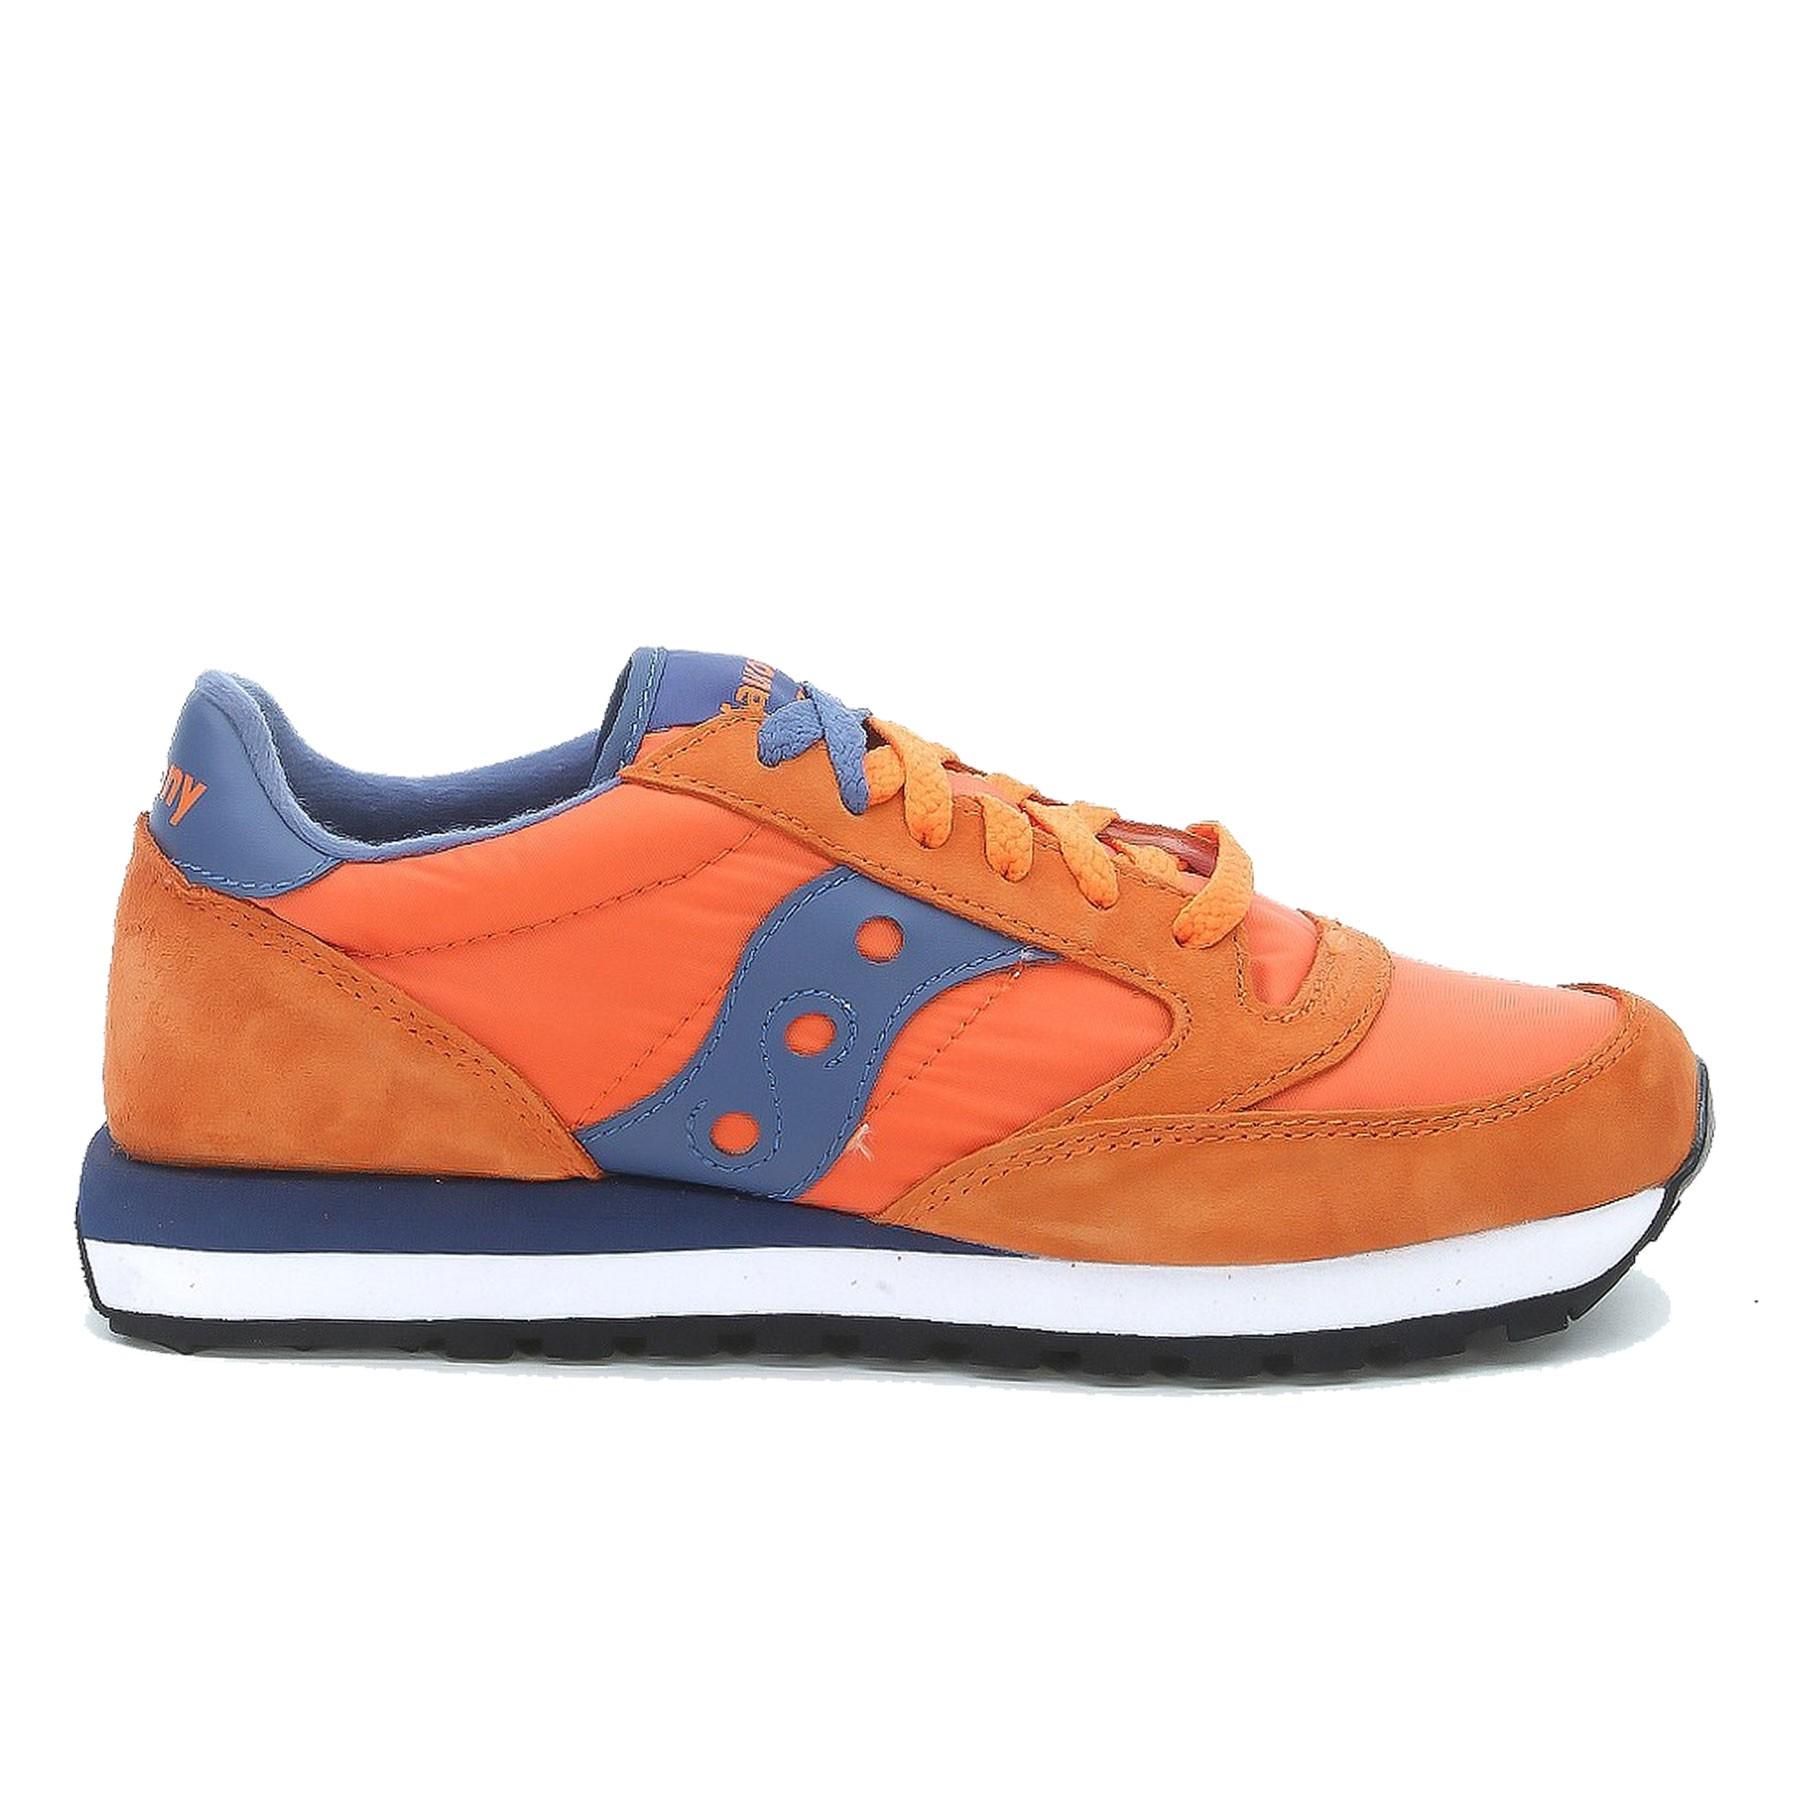 Saucony Originals  scopri le sneaker più pop per la tua primavera ... 207fece35f7